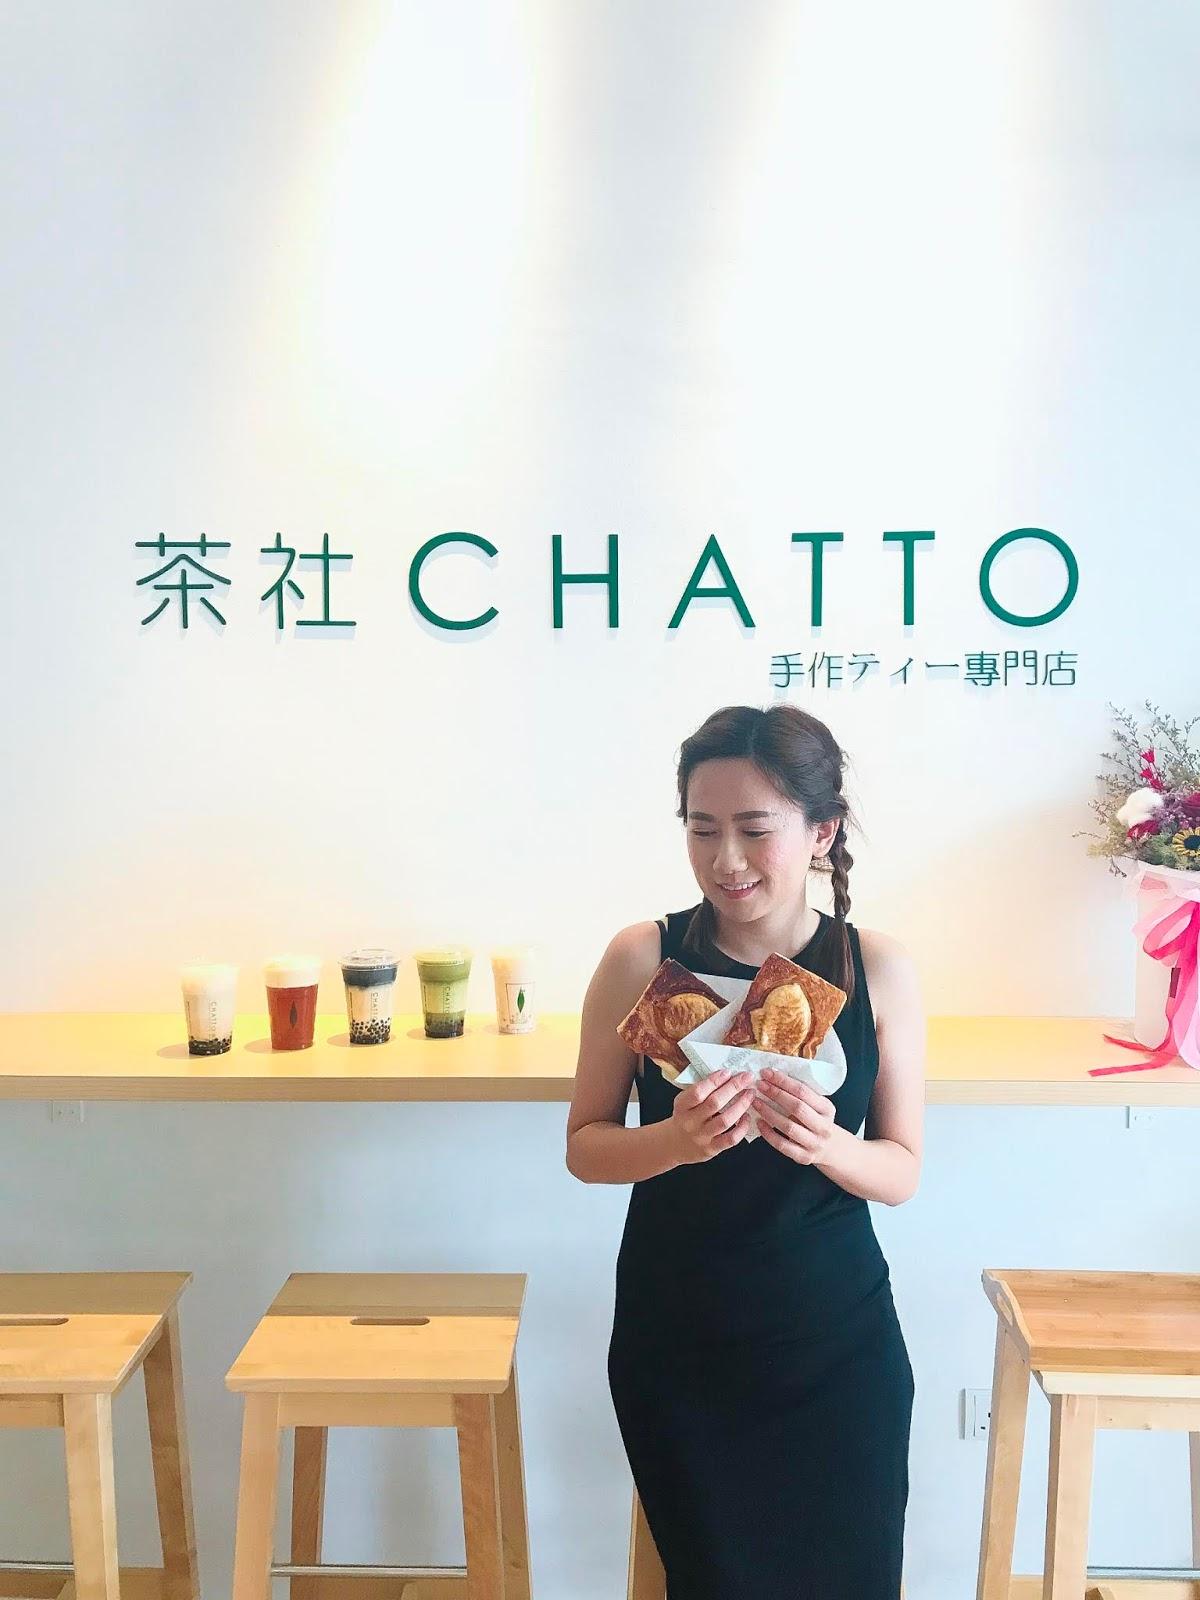 [Food Review] Chatto - The Handcrafted Tea Bar Sunway @ Subang Jaya